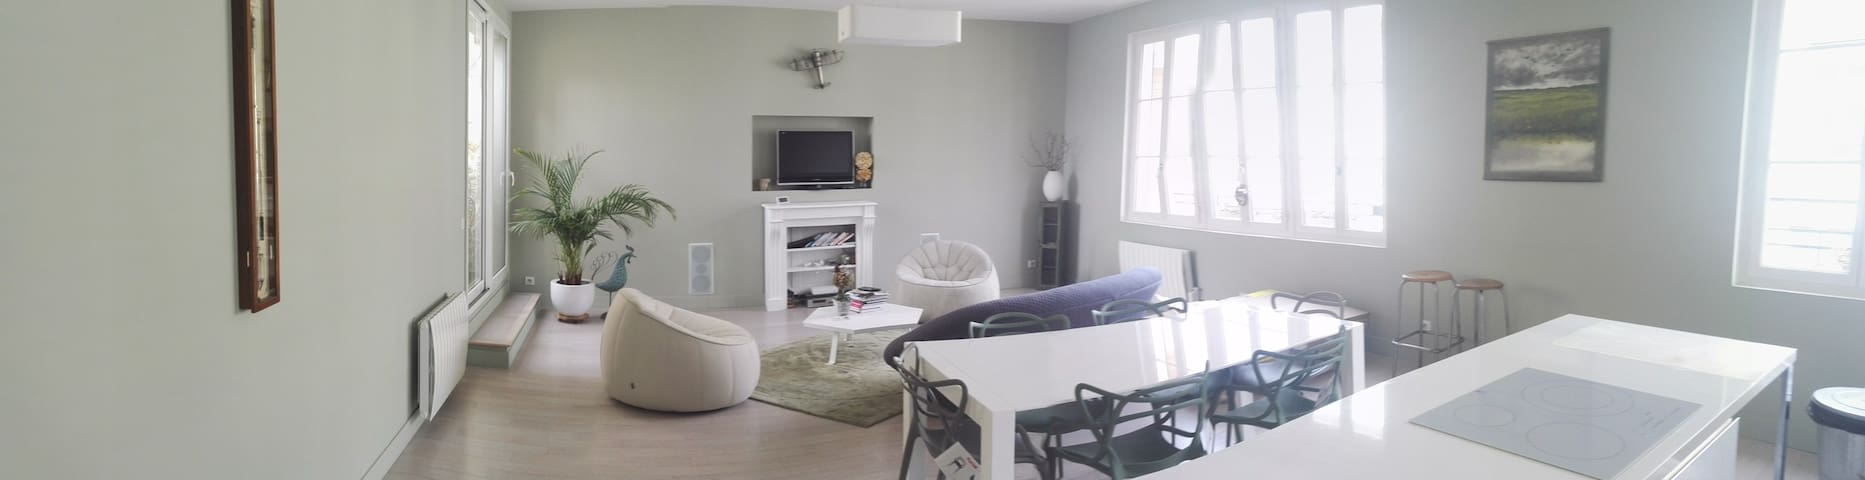 Appartement calme et spacieux Centre Ville - Mantes-la-Jolie - Квартира